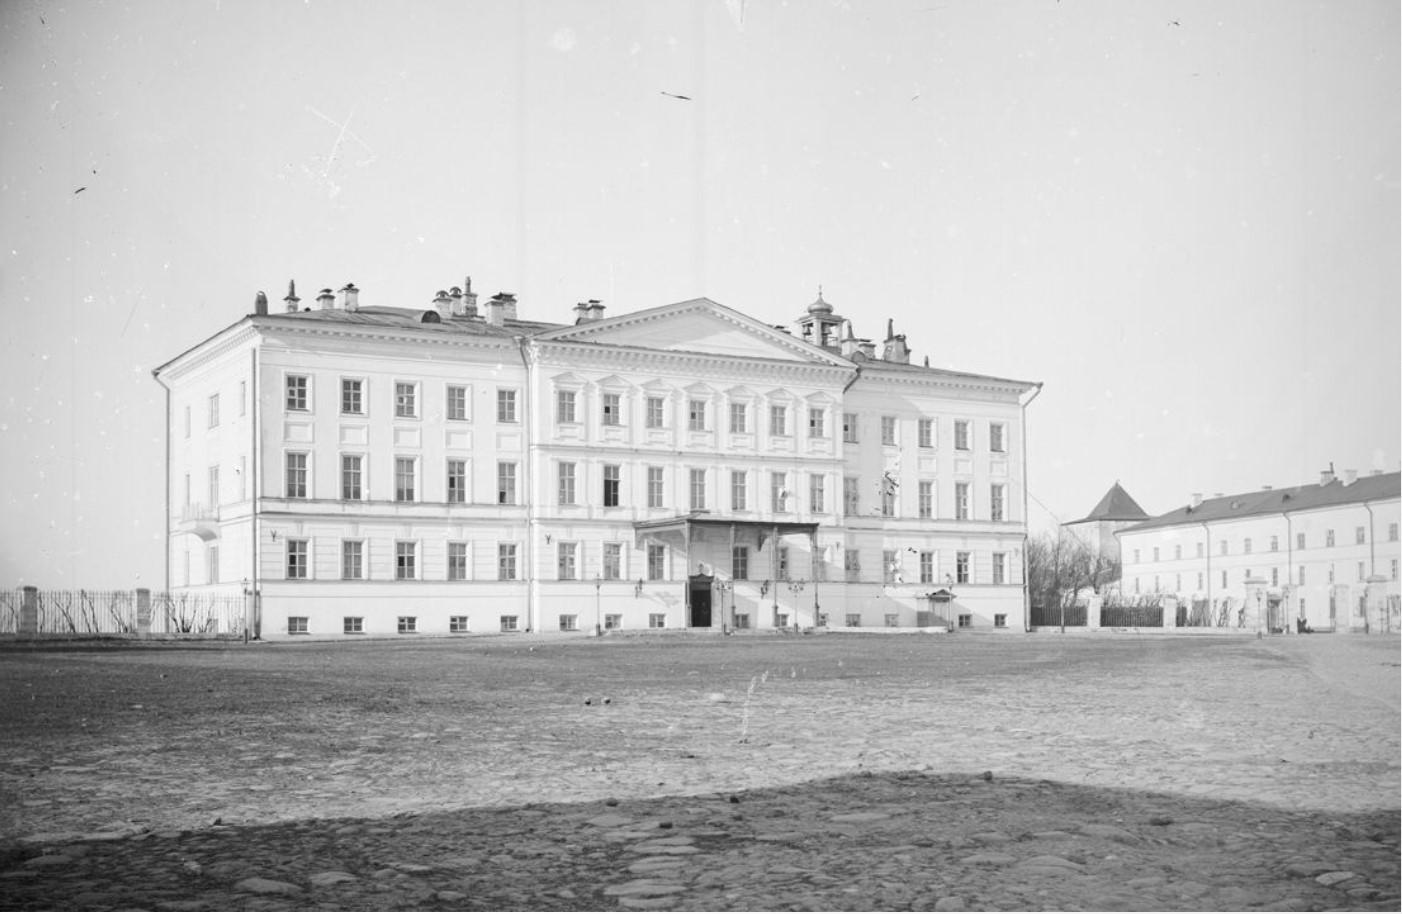 Внешний вид губернаторского дворца